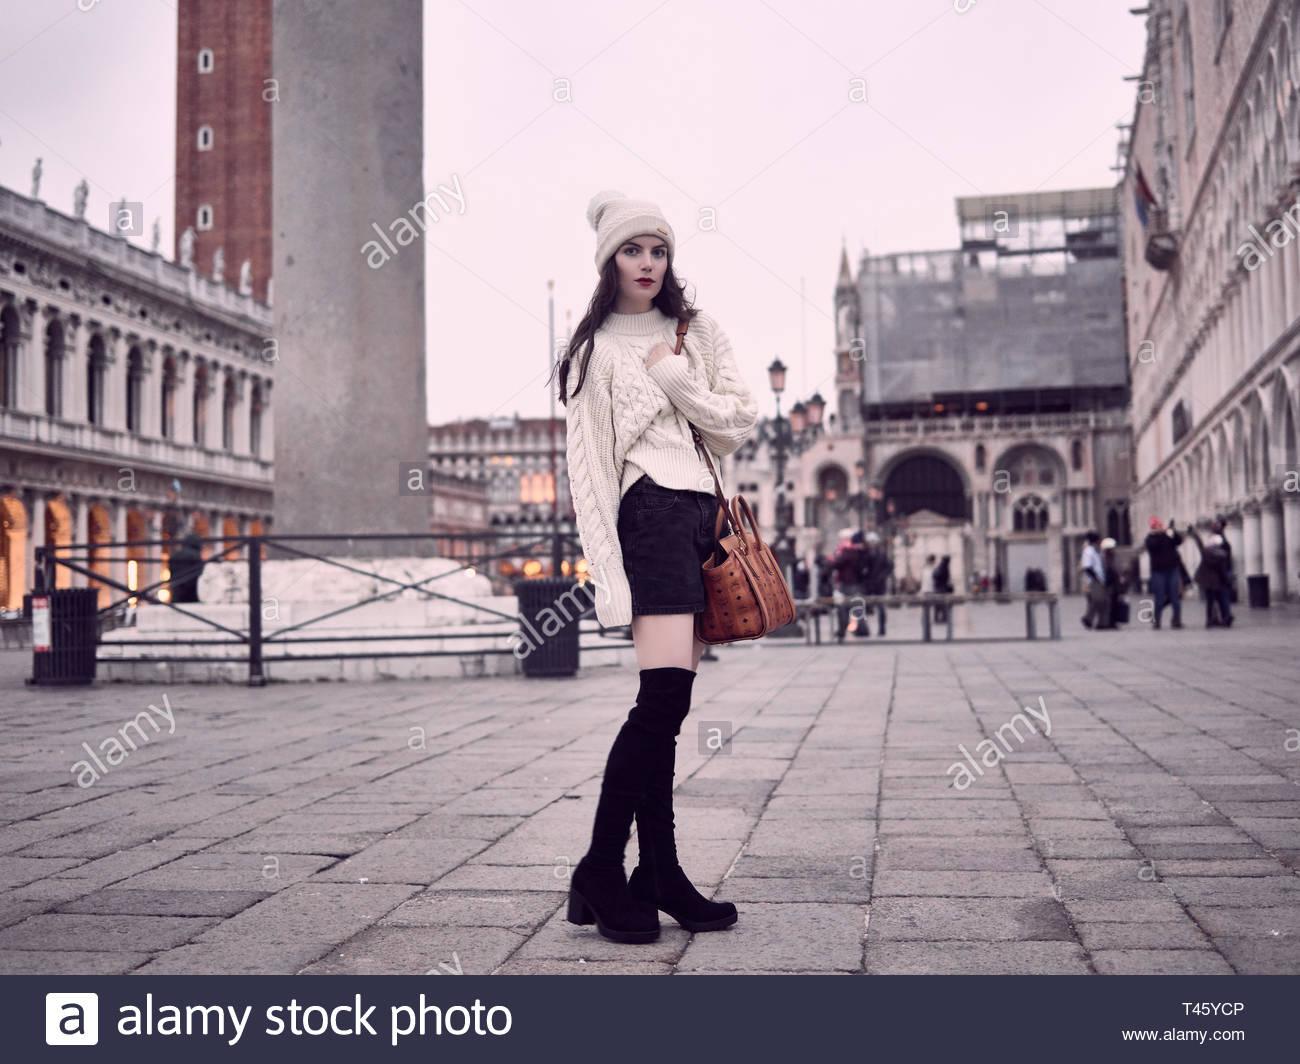 ragazza minigonna e giacca jeans bianchi draiata